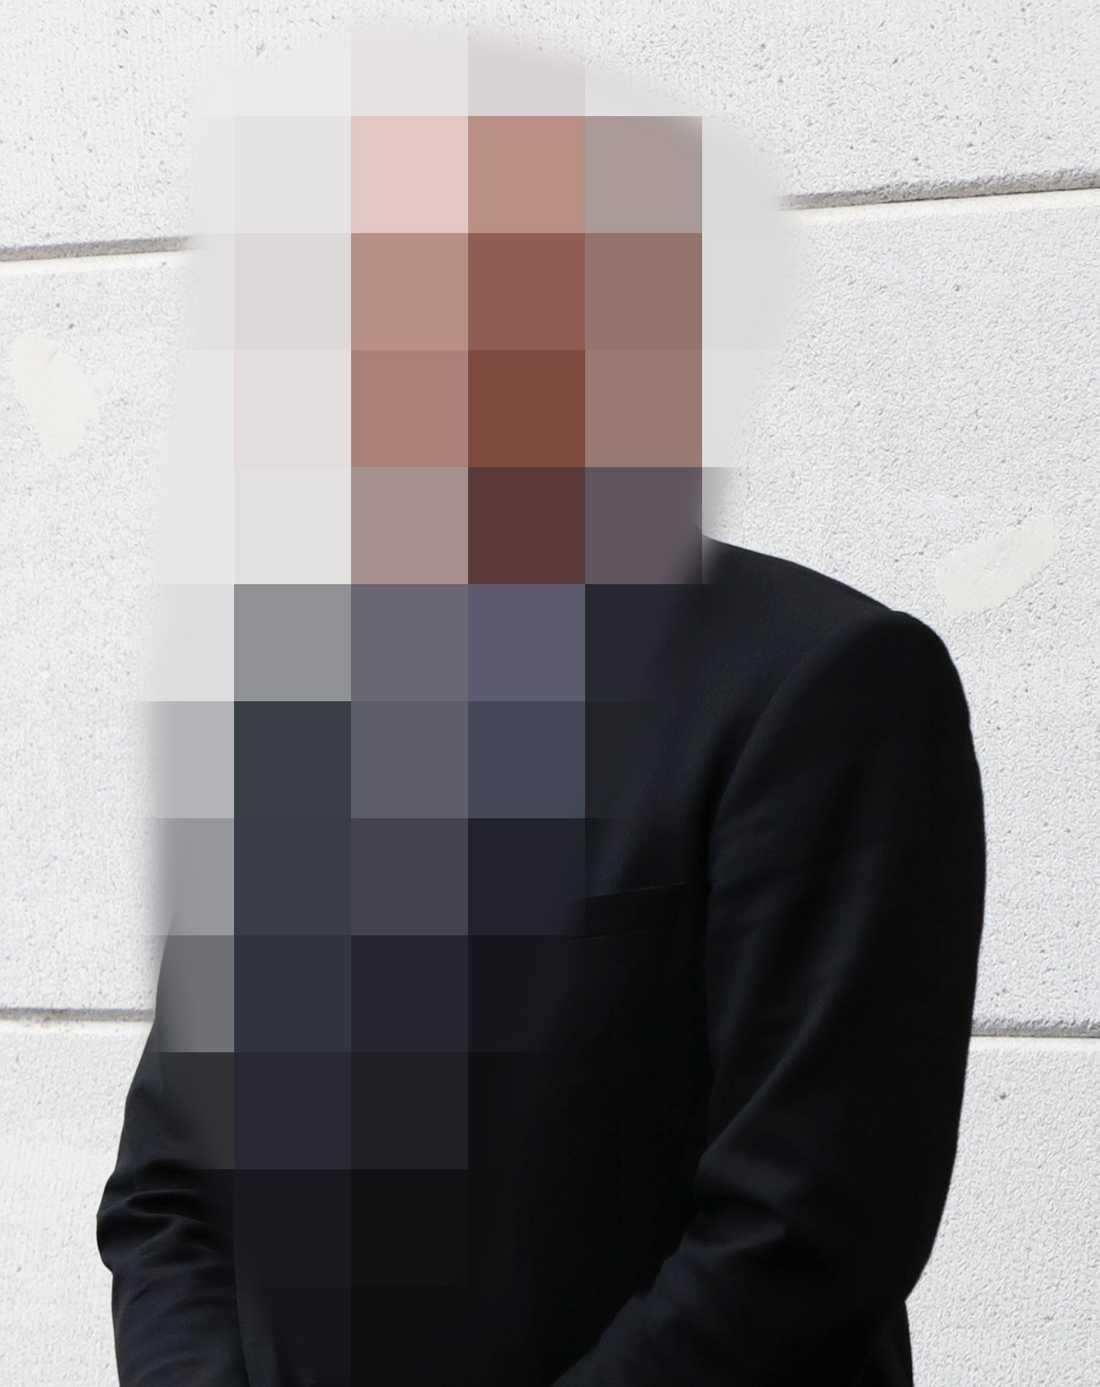 Mannen är kommunalråd och M-topp i en kommun i södra Sverige.